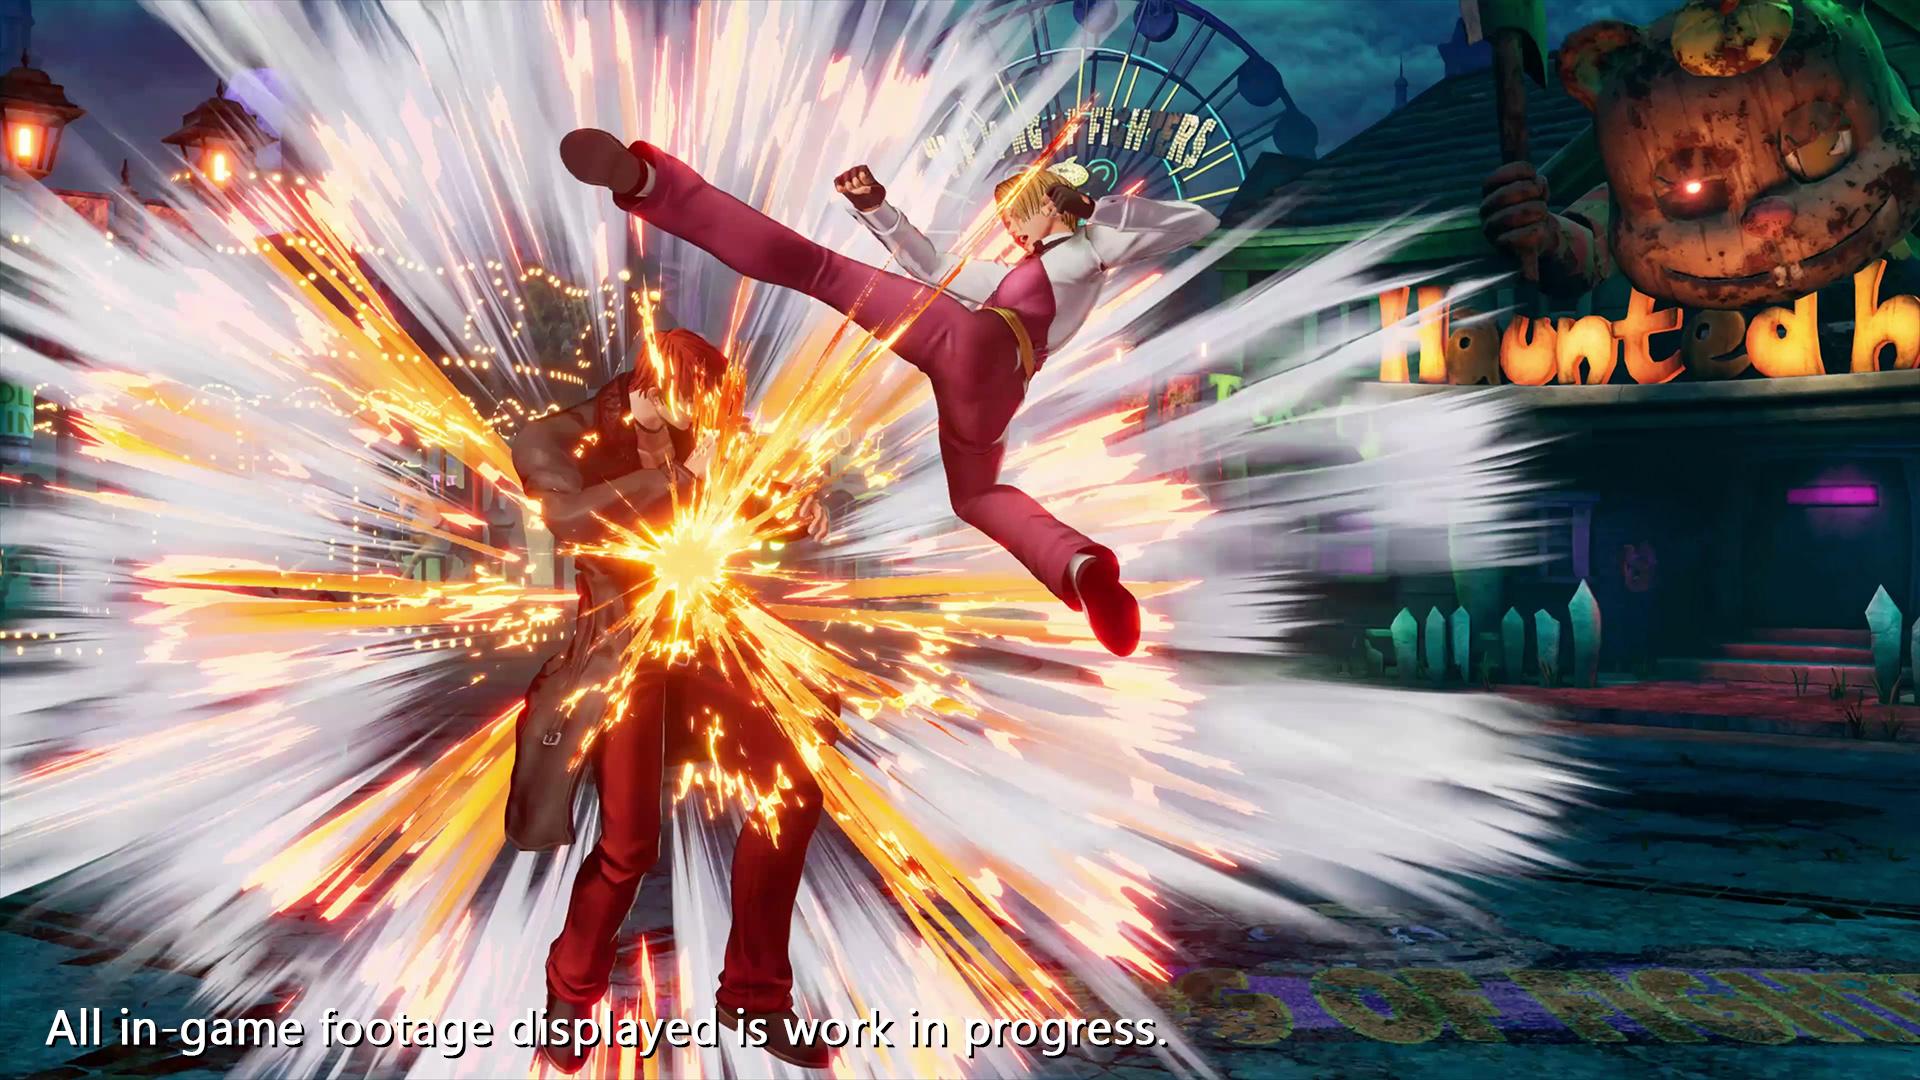 《拳皇15》新角色「琼」宣传影像公布